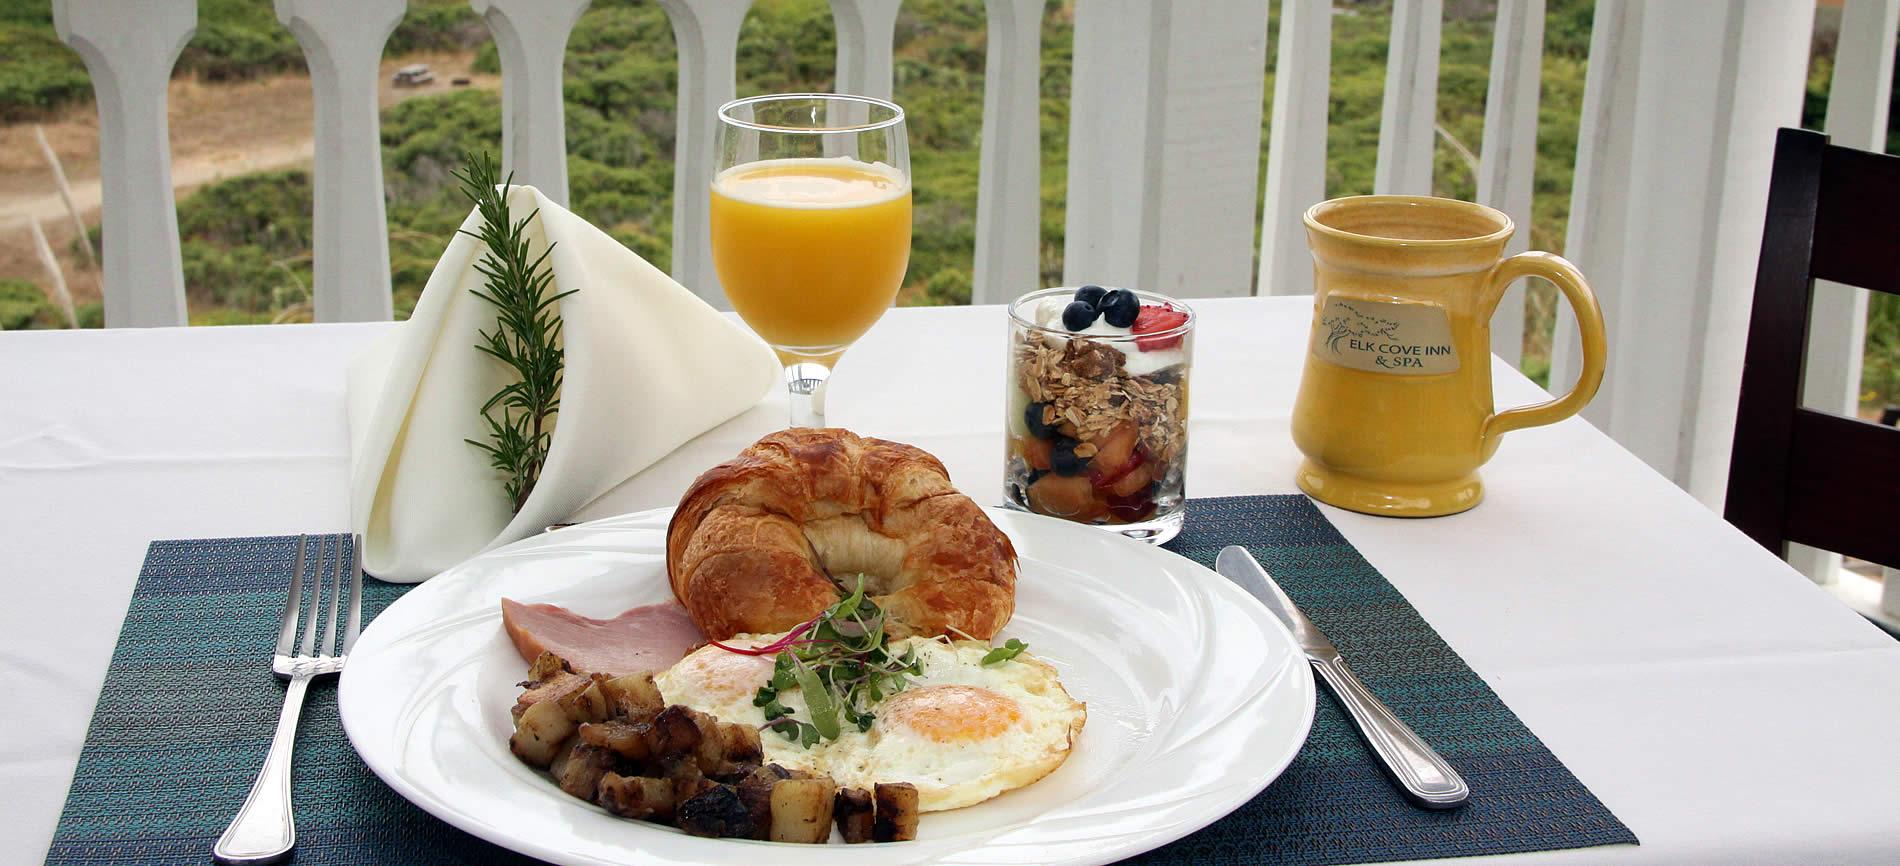 breakfast by the ocean at elk cove inn